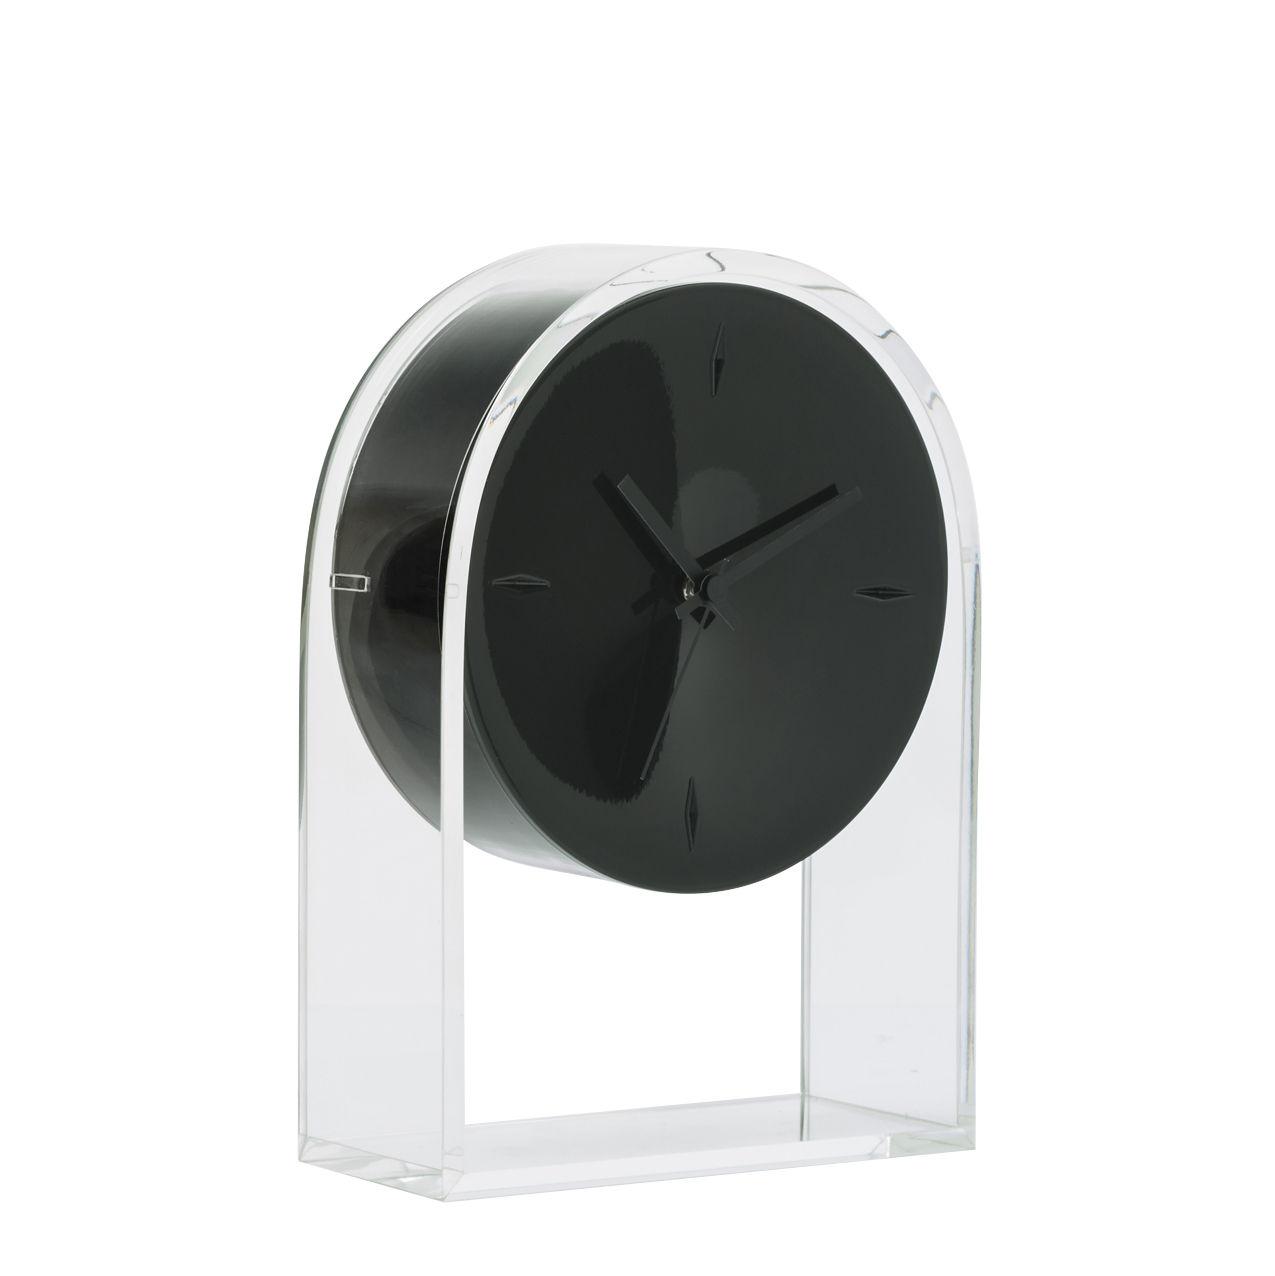 horloge poser l 39 air du temps h 30 cm noir cristal kartell. Black Bedroom Furniture Sets. Home Design Ideas